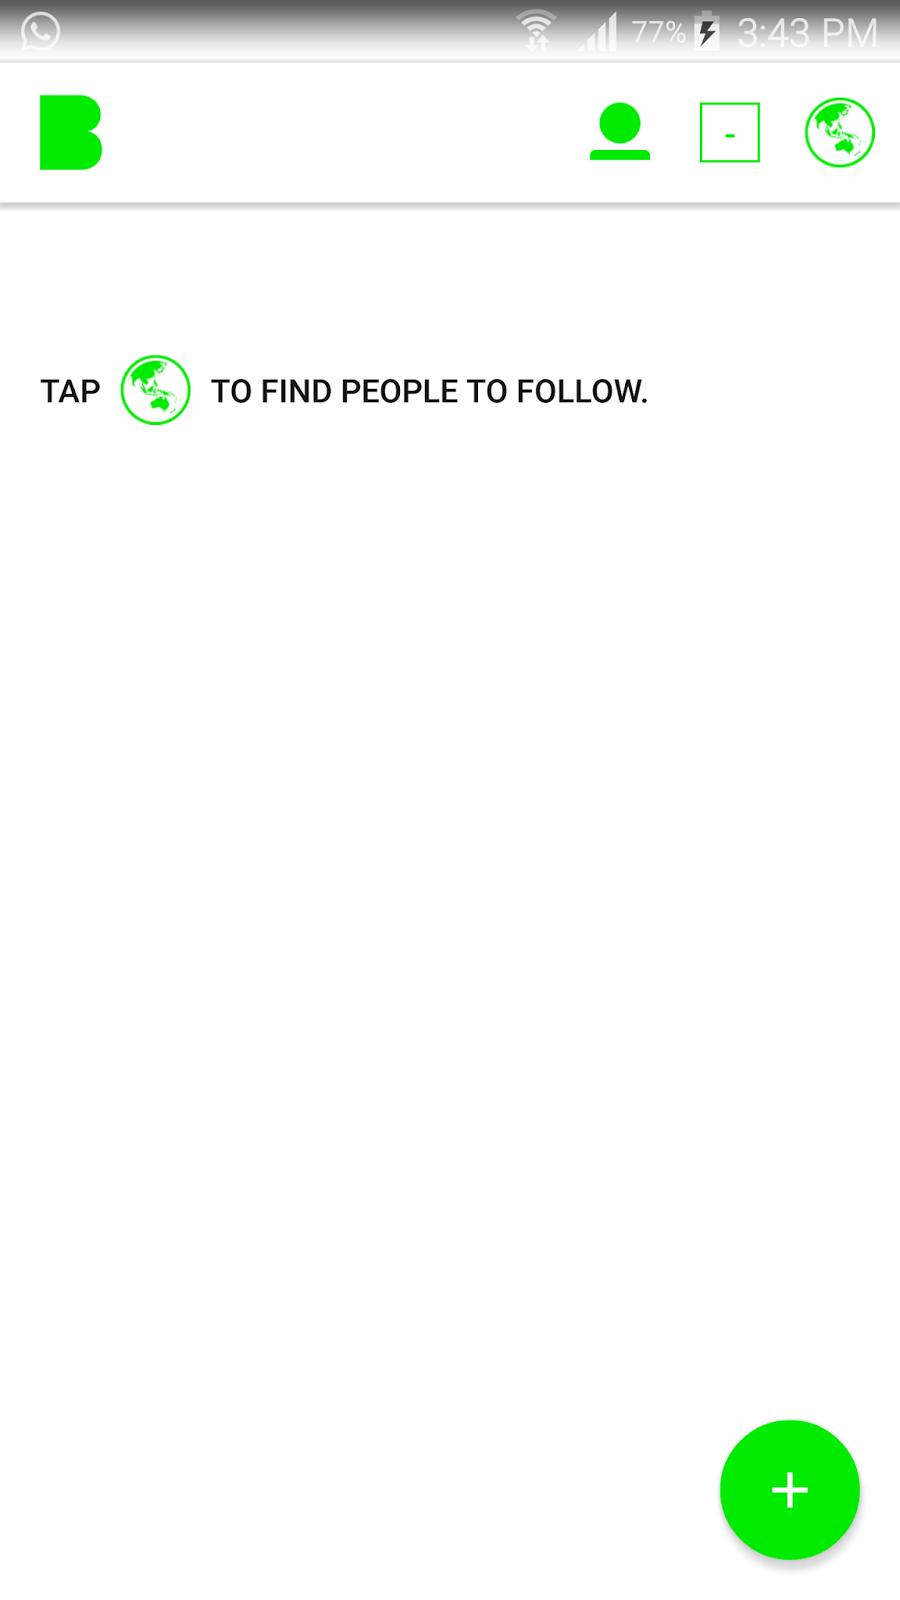 تطبيق Beme شبكة تواصل اجتماعي جديدة بفكرة مميزة عيش اللحظة | بحرية درويد